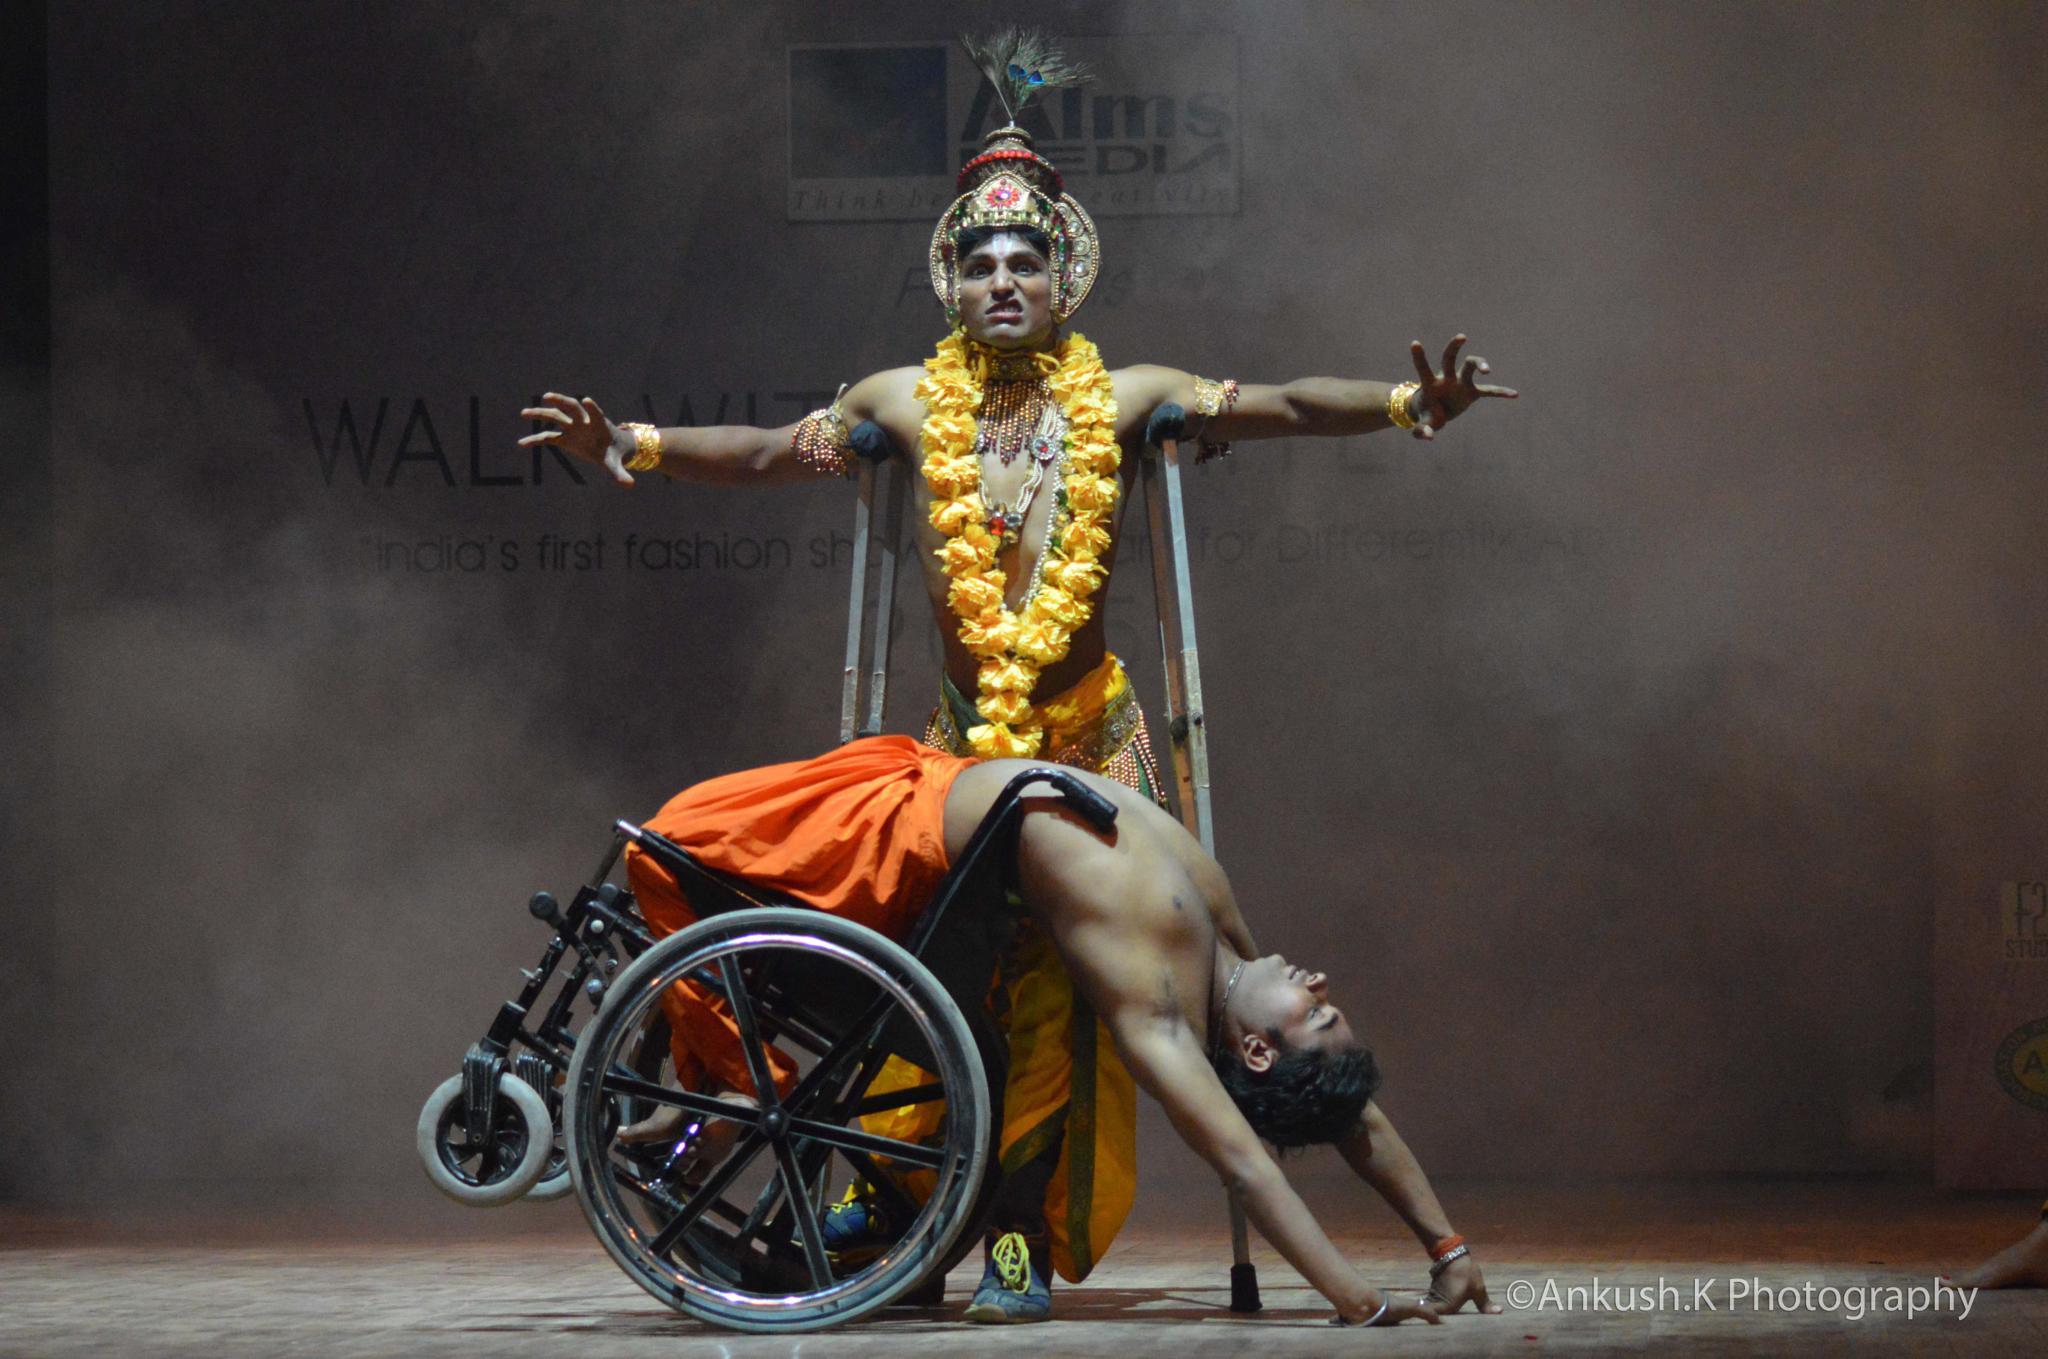 Untitled by VJ Ankush